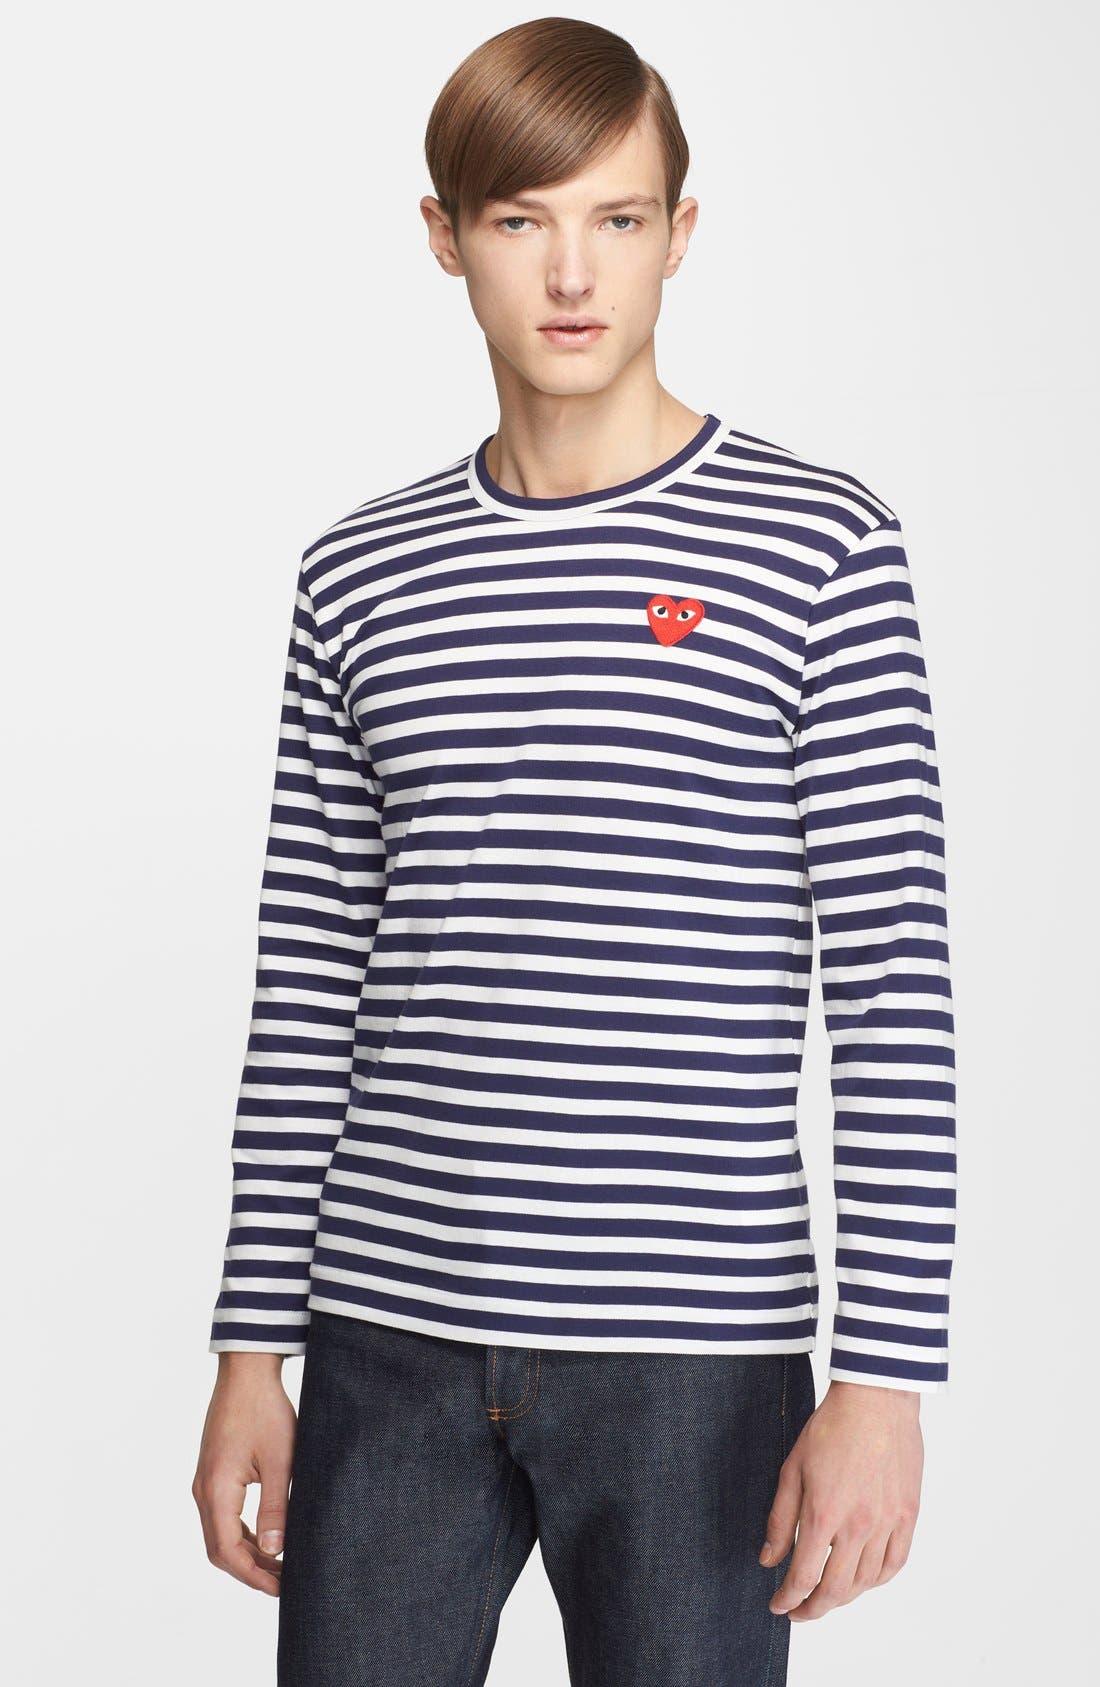 COMME DES GARÇONS PLAY Stripe T-Shirt, Main, color, 410